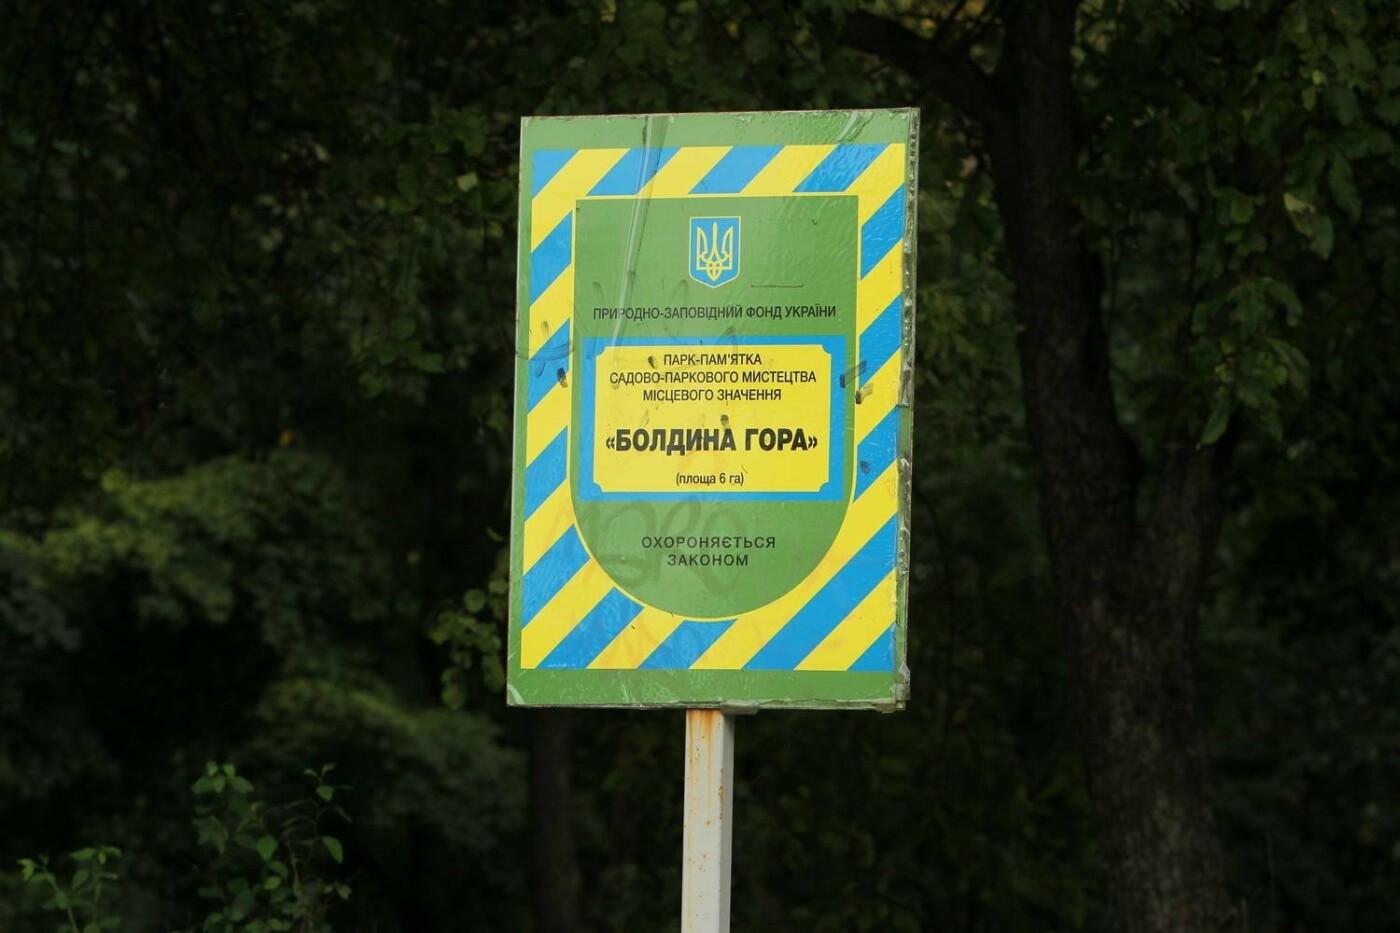 """""""Туристи залишають купу негативних відгуків"""": чернігівці пропонують реконструювати парк на Болдиній горі, фото-1"""